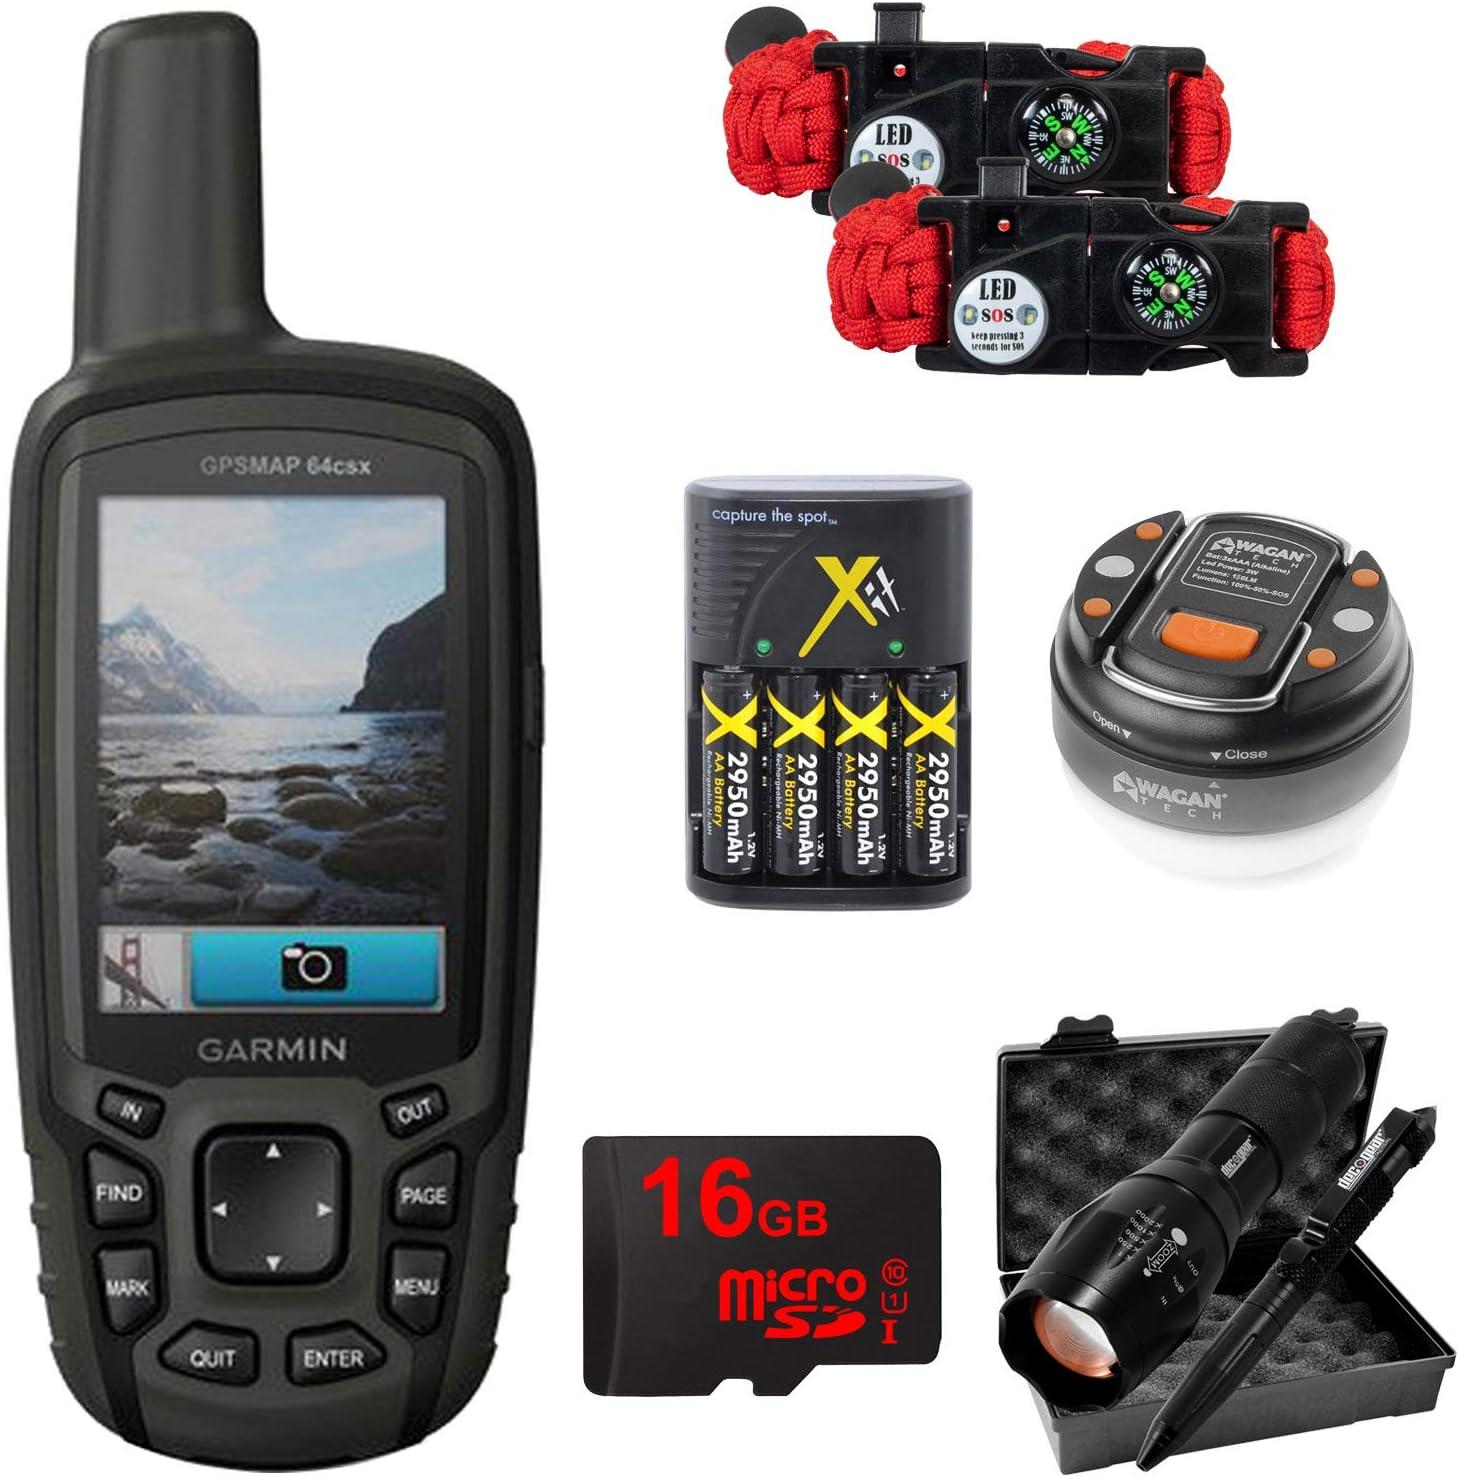 010-02258-20 Garmin GPSMAP 64csx Handheld GPS with 16GB Camping /& Hiking Bundle